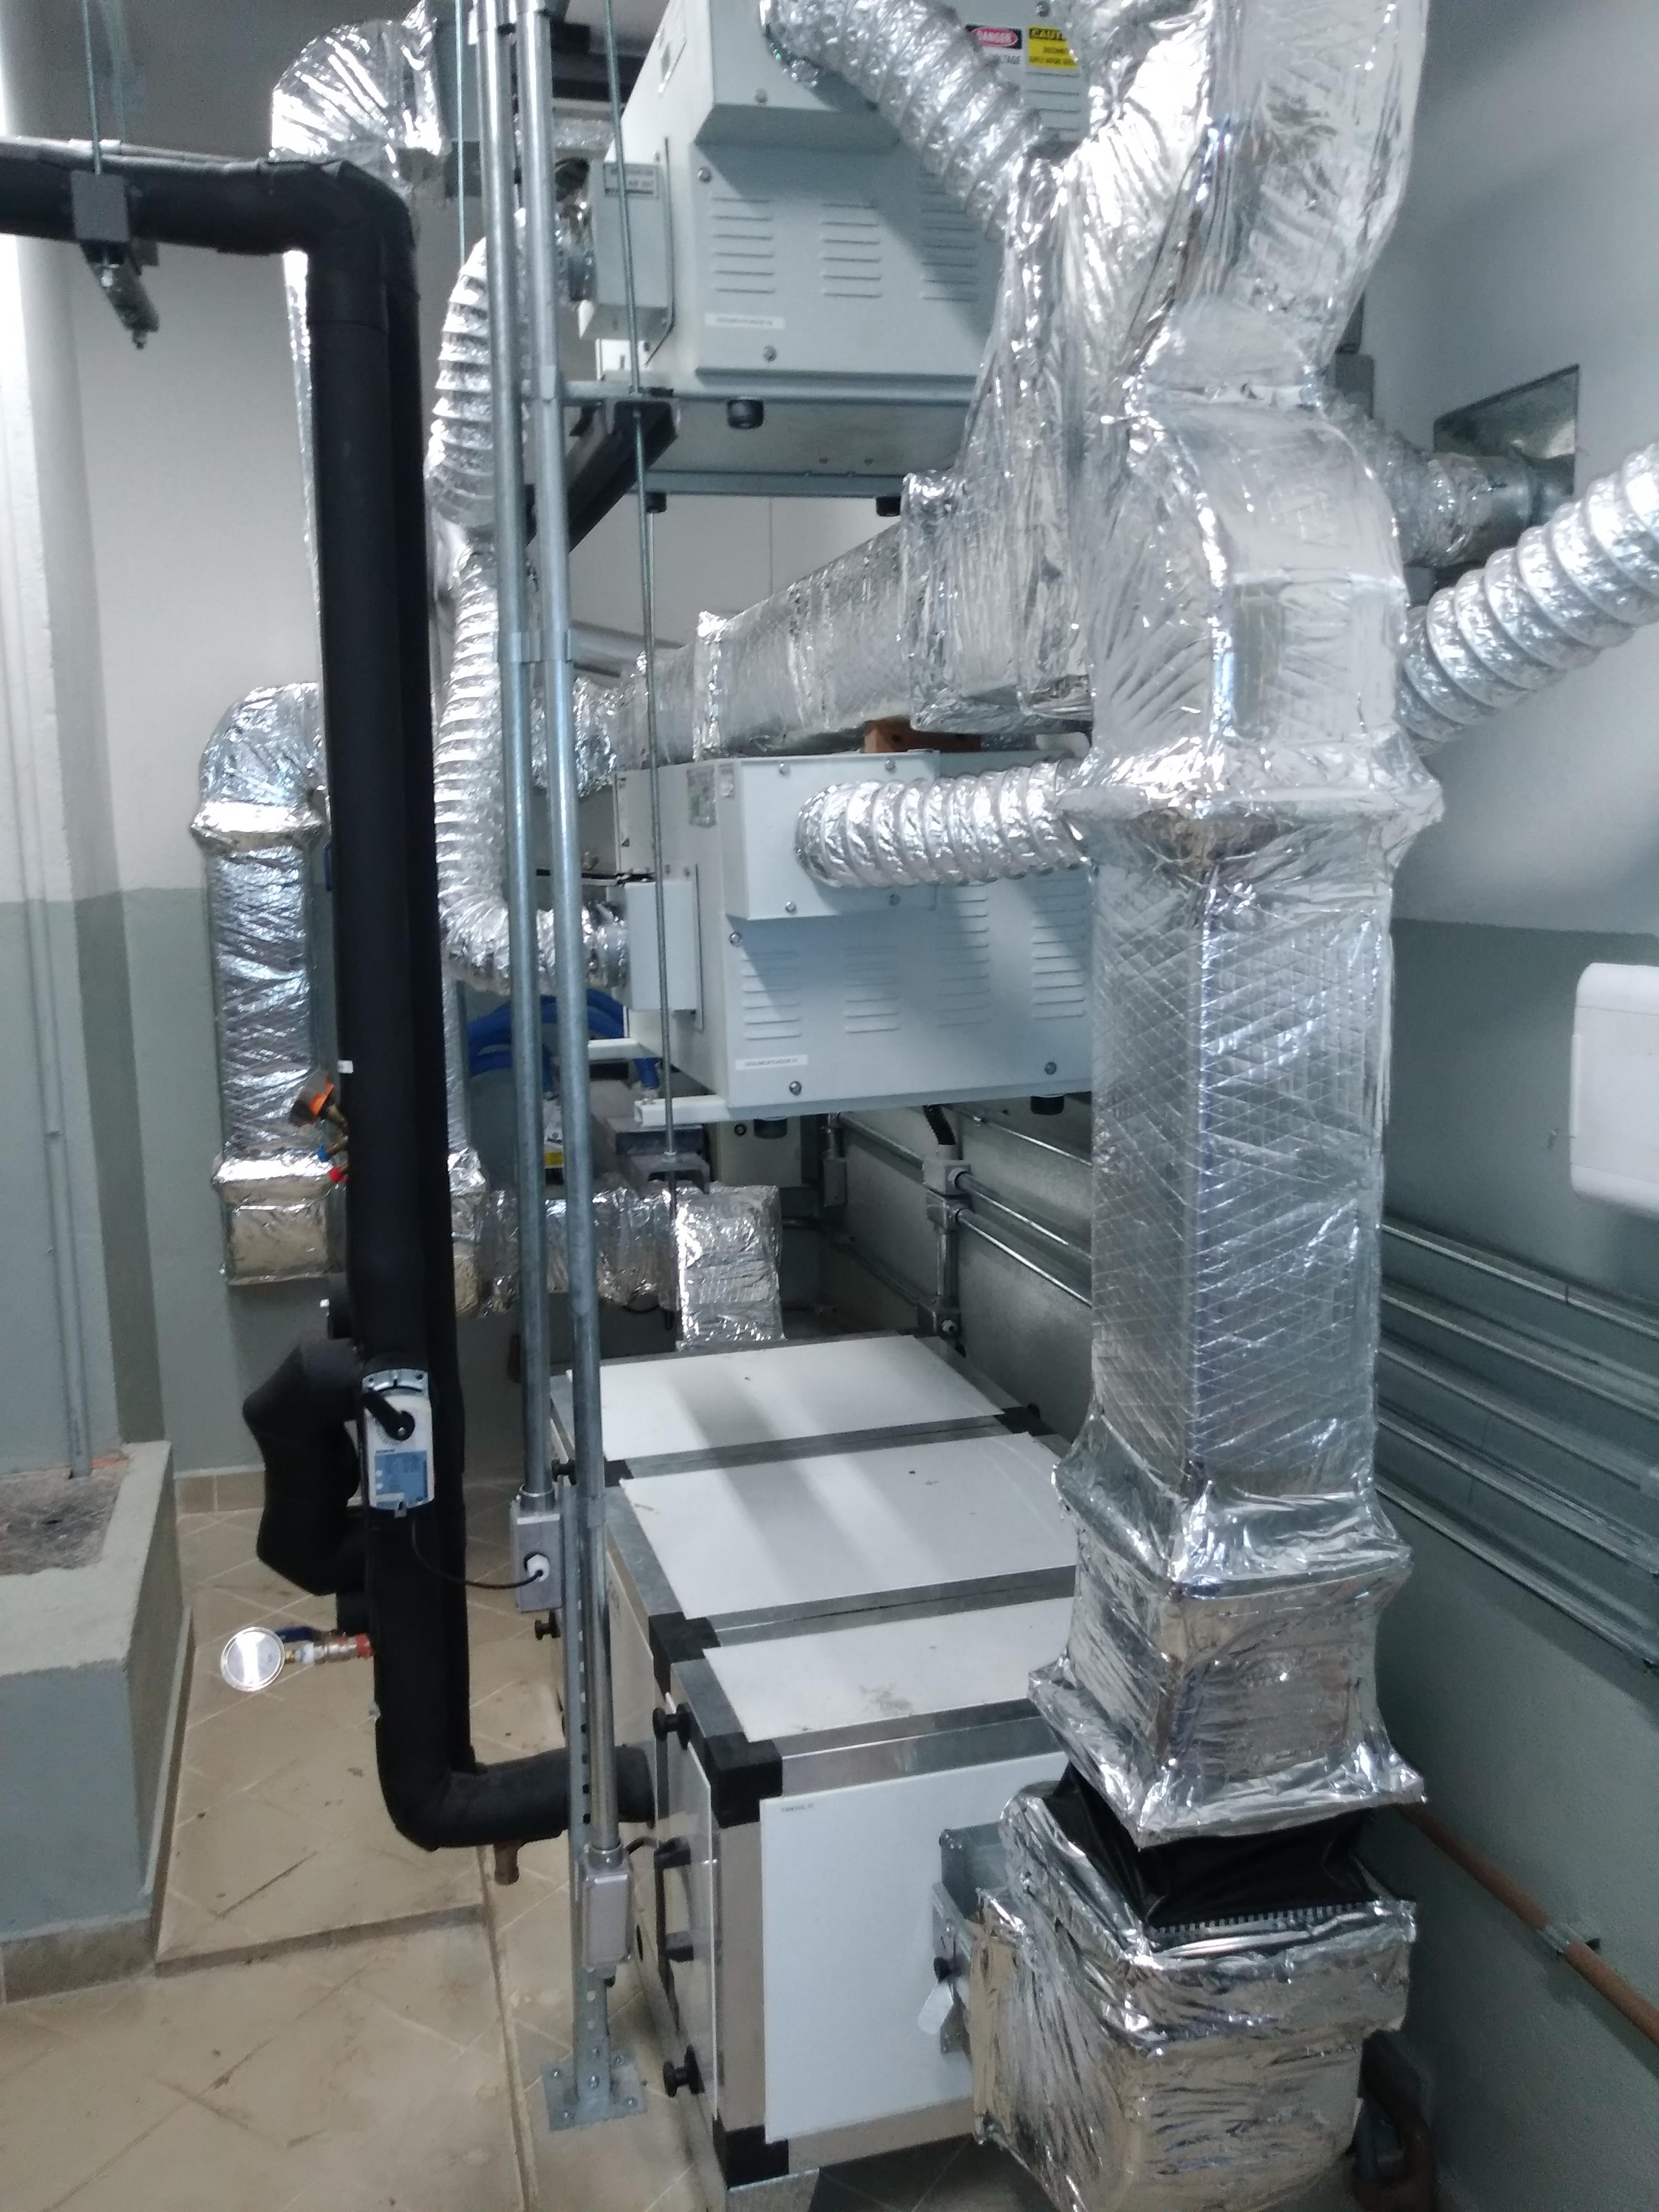 Inversores da Yaskawa controlam a vazão dos condicionadores de ar no Santuário de Aparecida